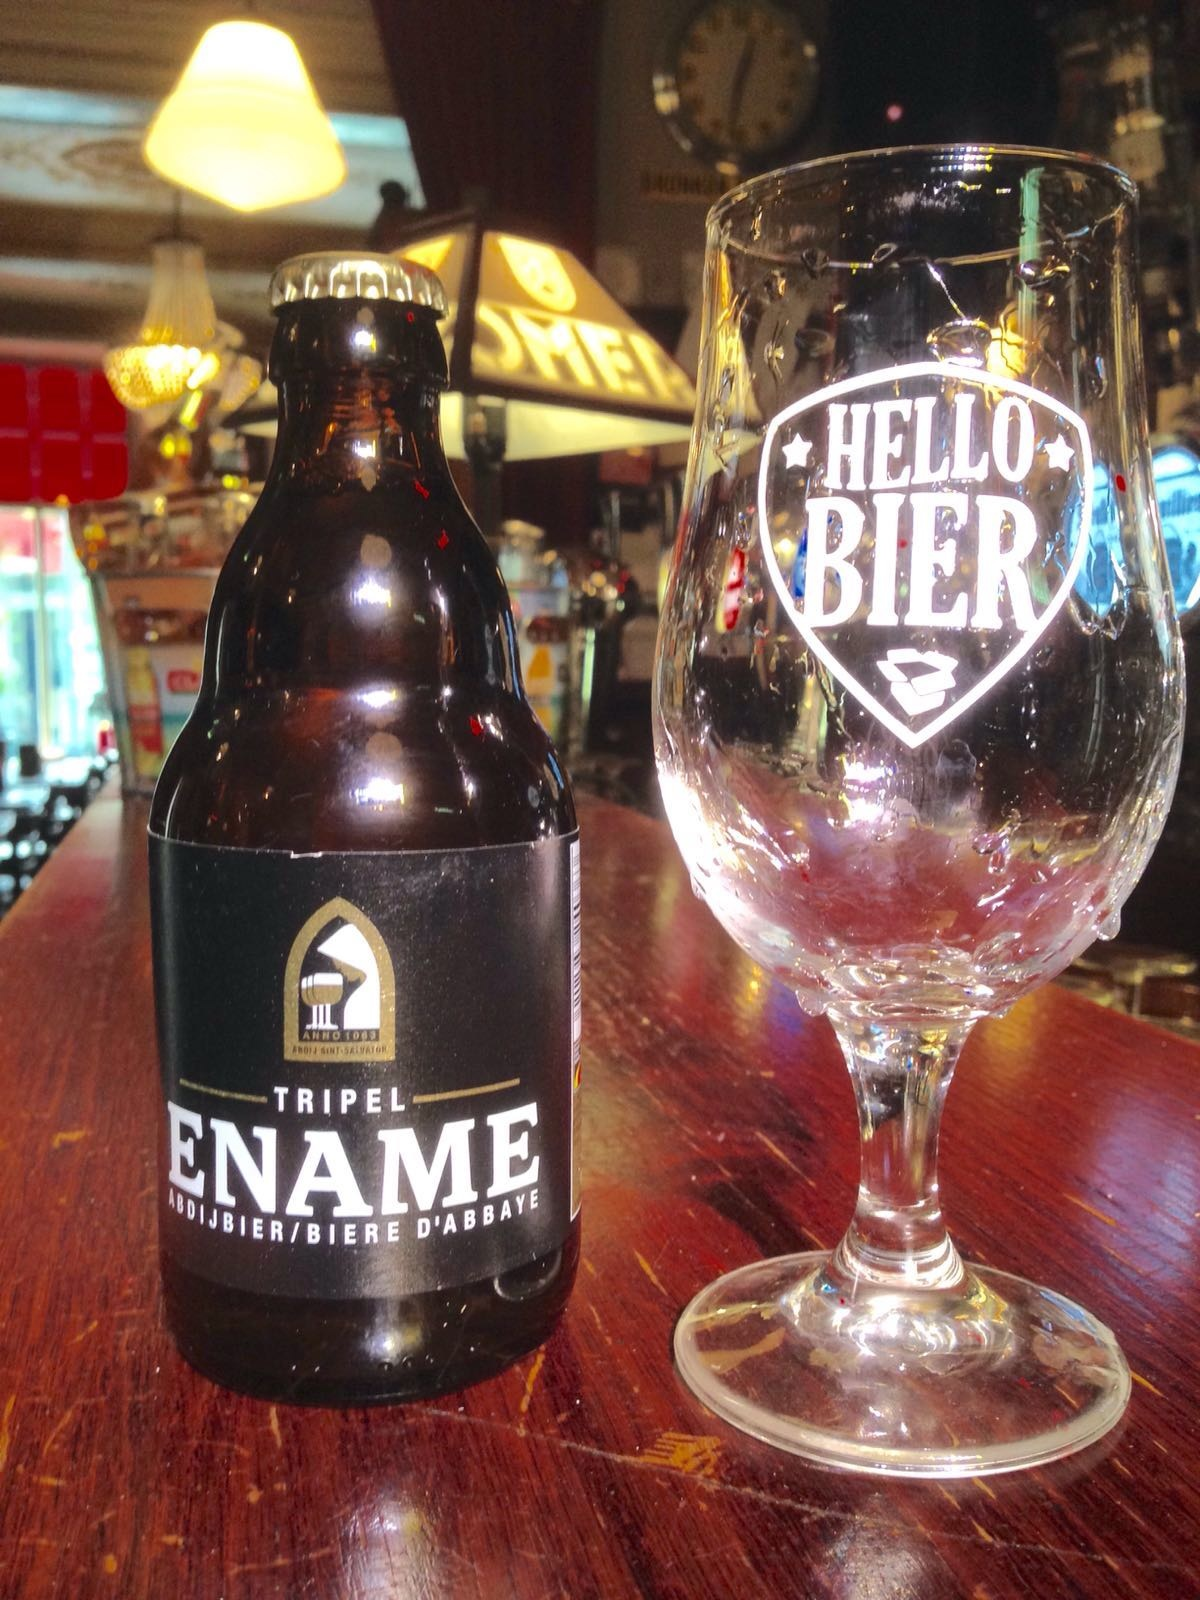 Ename Tripel Herkomst: Oudenaarde, België Tripel met een stevige schuimkraag afkomstig van brouwerij Roman in het hard van de Vlaamse Ardennen. Een mooi gebalanceerd bier zonder uitschieters naar specifieke smaken. Dit maakt het bier geweldig mooi. De historie van dit bier gaat terug tot in het jaar 1063 toen daar de abdij werd gesticht. Helaas zijn er op dit moment alleen nog ruïnes van de abdij over dankzij de Franse Revolutie. Maar het bier is daarmee gelukkig niet verdwenen maar wordt met passie gebrouwen door de brouwerij. Het bier bevat een alcoholpercentage van 8,5%. Advies serveertemperatuur: 6 graden.